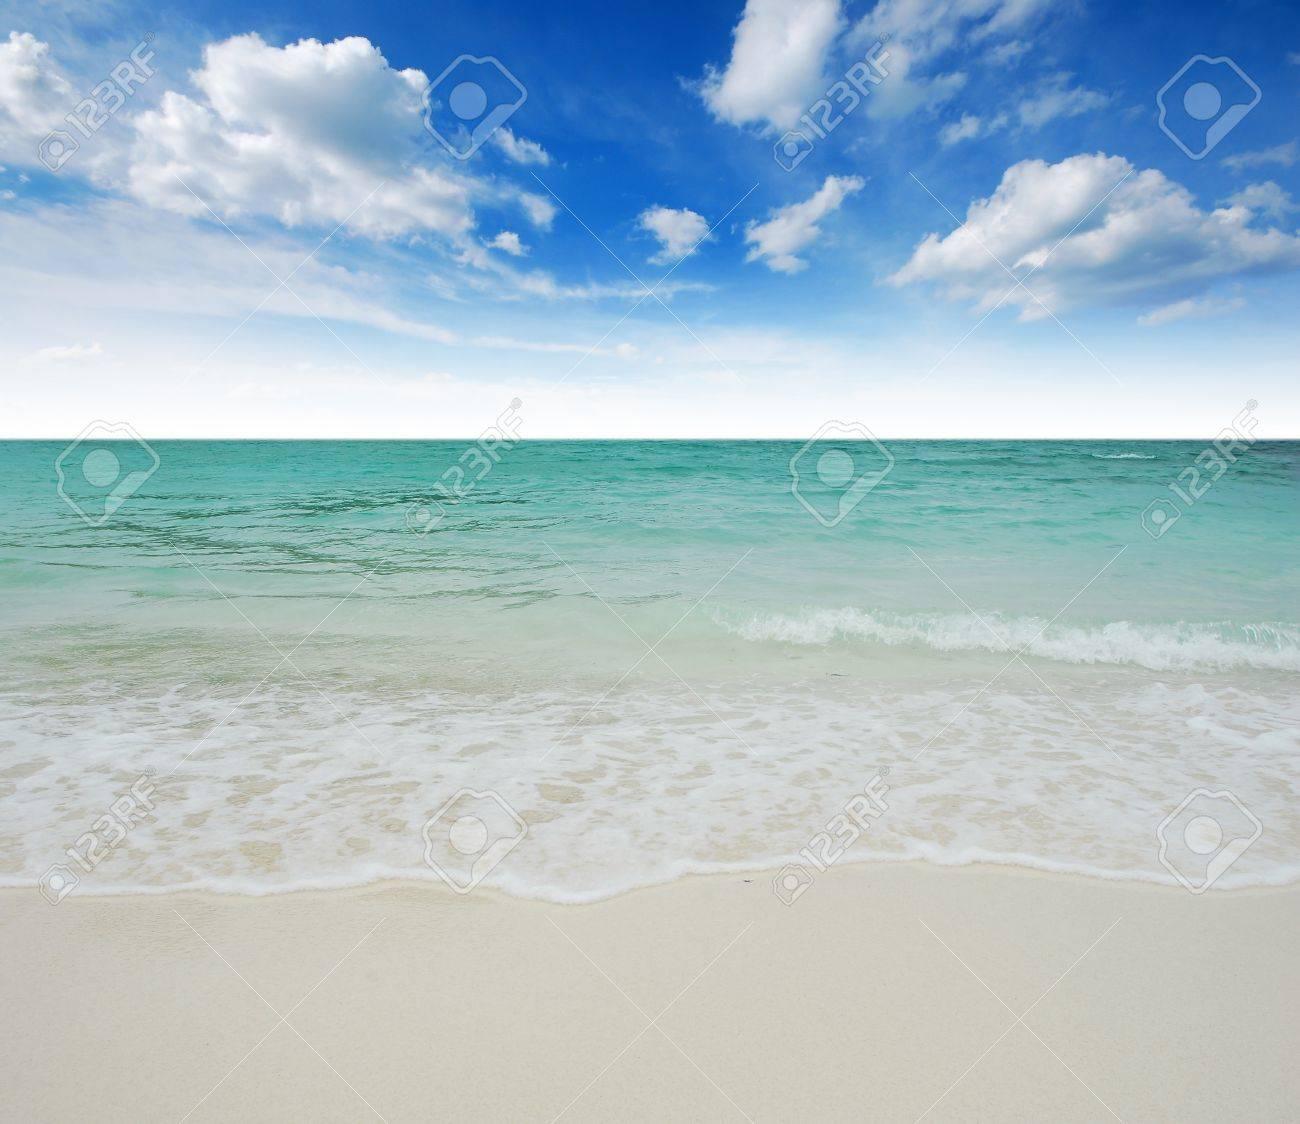 島海砂太陽ビーチ自然先壁紙とタイのクラビでデザインの背景 の写真